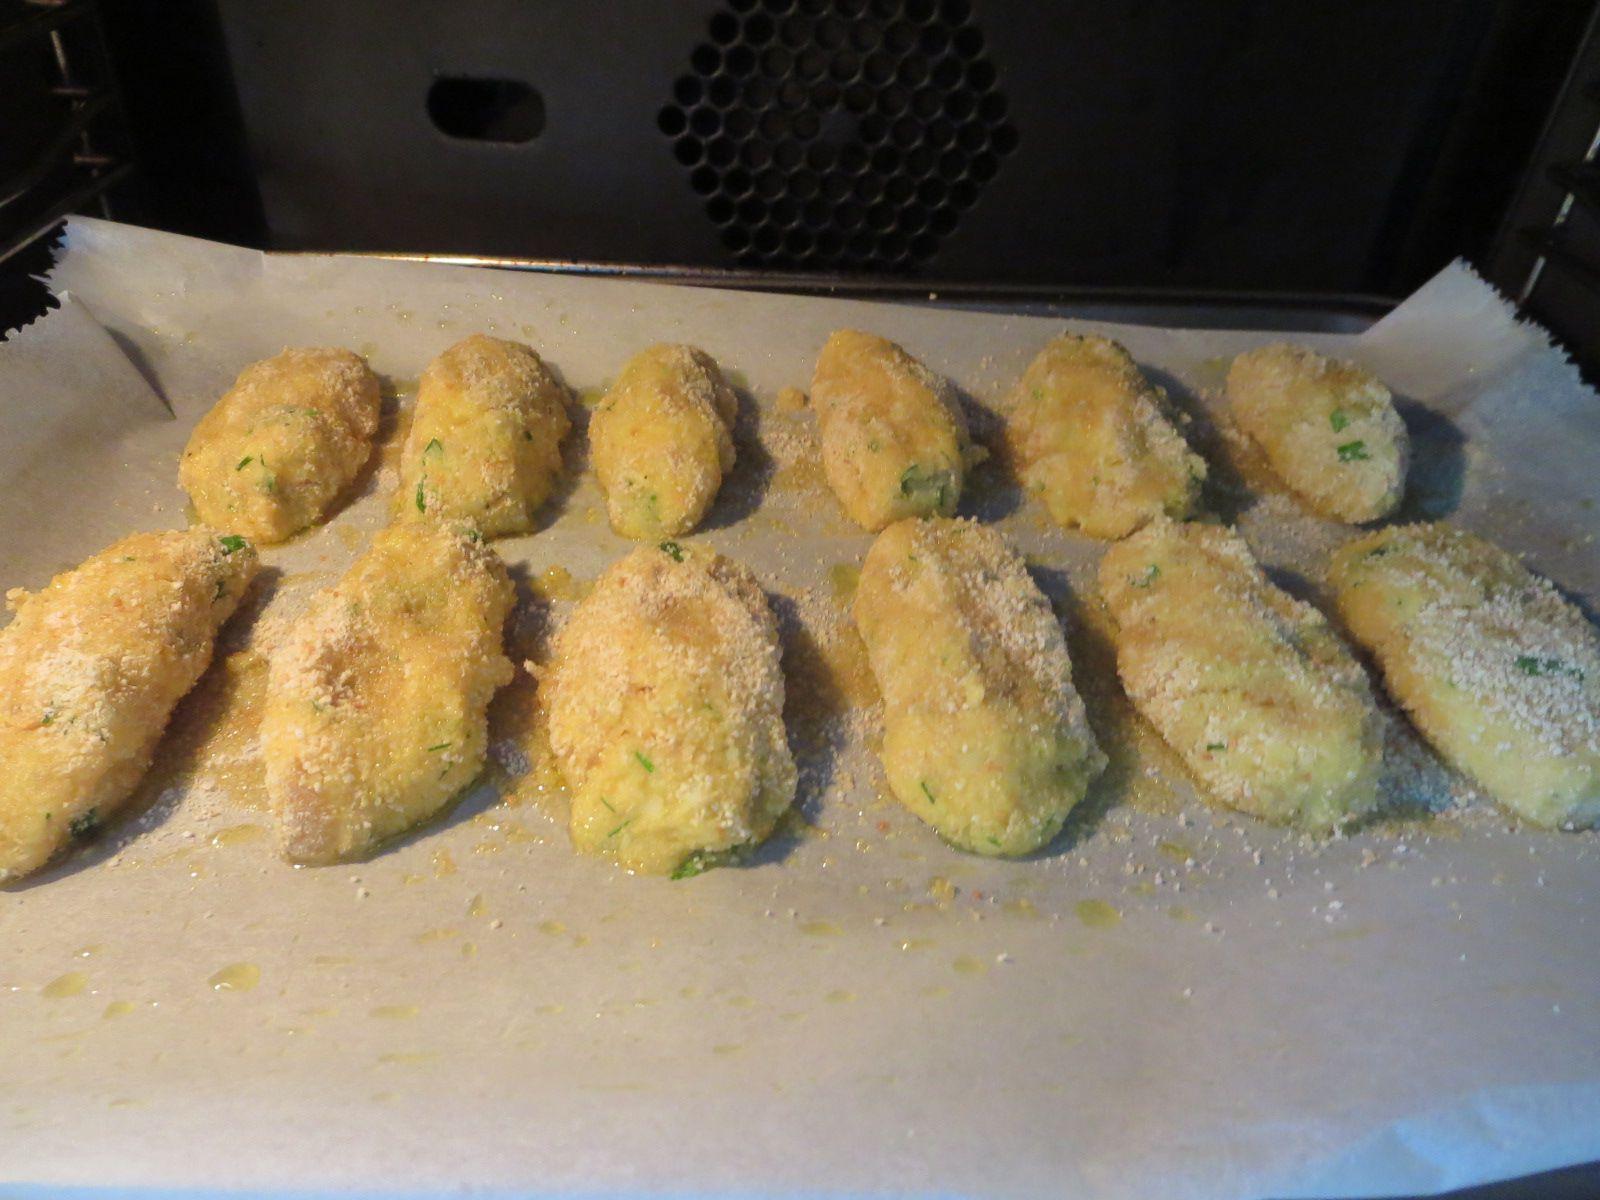 Croquettes de chou fleur, au four / brochettes de poulet mariné. La marinade: jus d'orange, huile d'olive, gingembre râpé, piment d'Espelette, sauce soja,  miel. mariné aussi les morceaux de poivrons et les échalottes.((2 heures de trempette pour les blancs de poulet.) )  les croquettes de chou-fleur bouilli et écrasé à la fourchette, avec deux belles pommes de terre, avec 1ou 2 œufs, 1/2 oignon rose ciselé fin, 25 gr de comté/ 50 gr de parmesan, persil, cibouletteet 2 CàS de chapelure. faire des quenelles,  bien roulées dans de la chapelure, et mettre au four sur plaque huilée pour une petite 1/2 heure à 180°